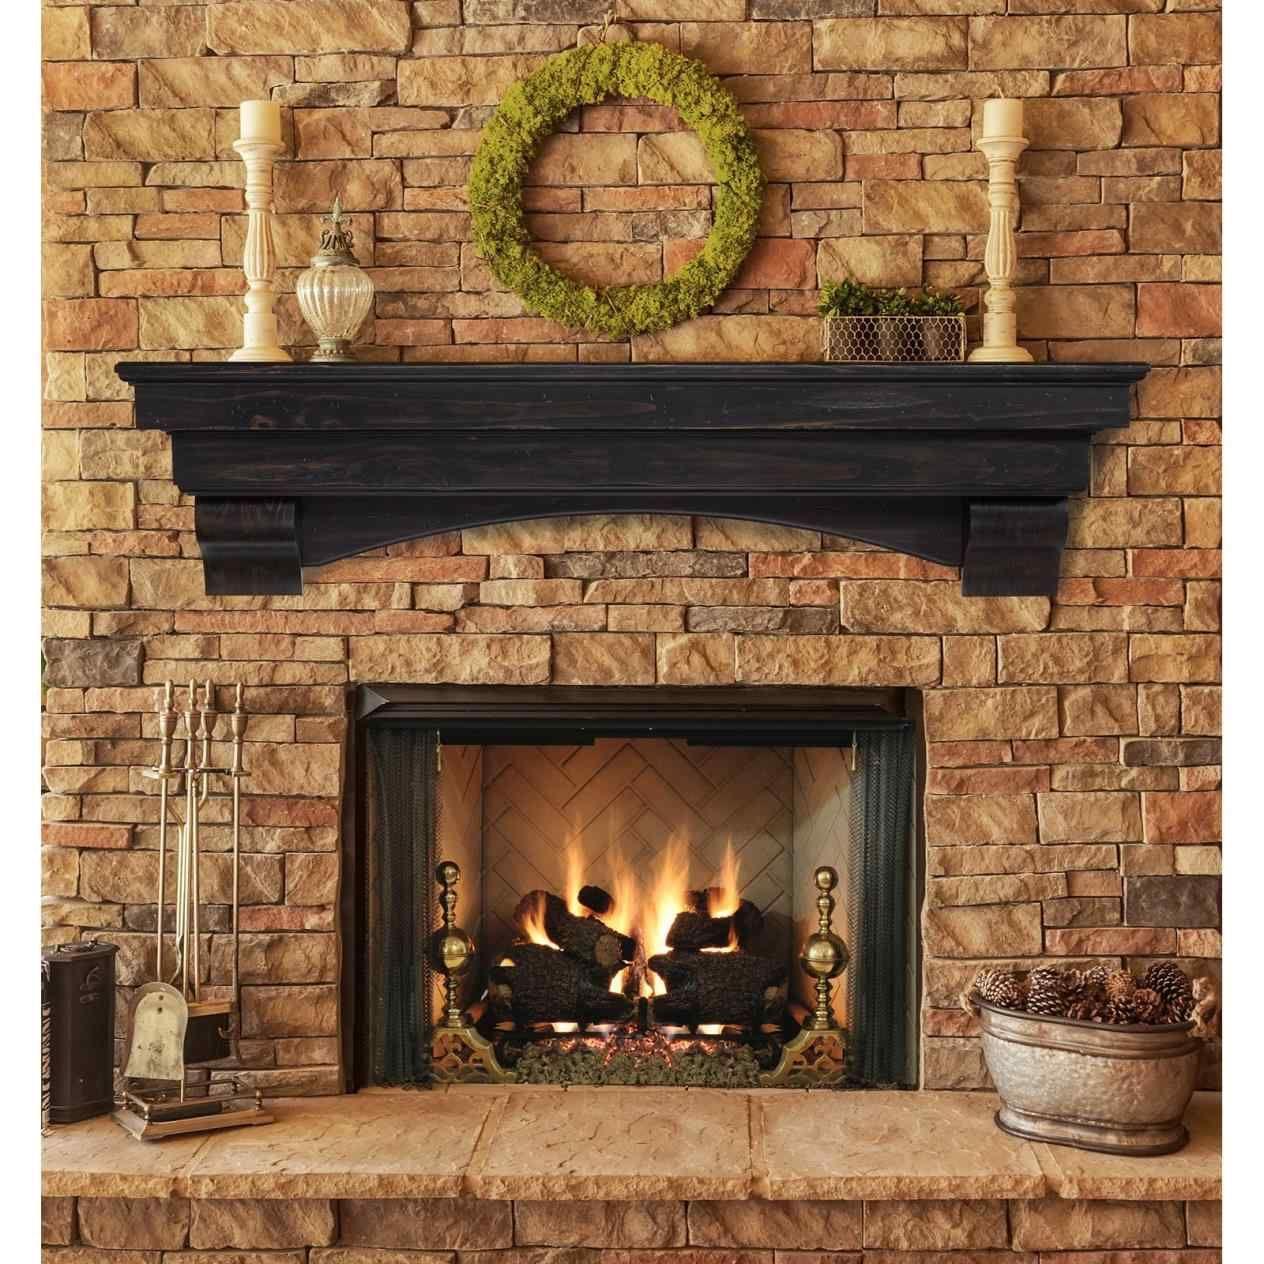 Brick fireplace mantel shelf hereus how to build